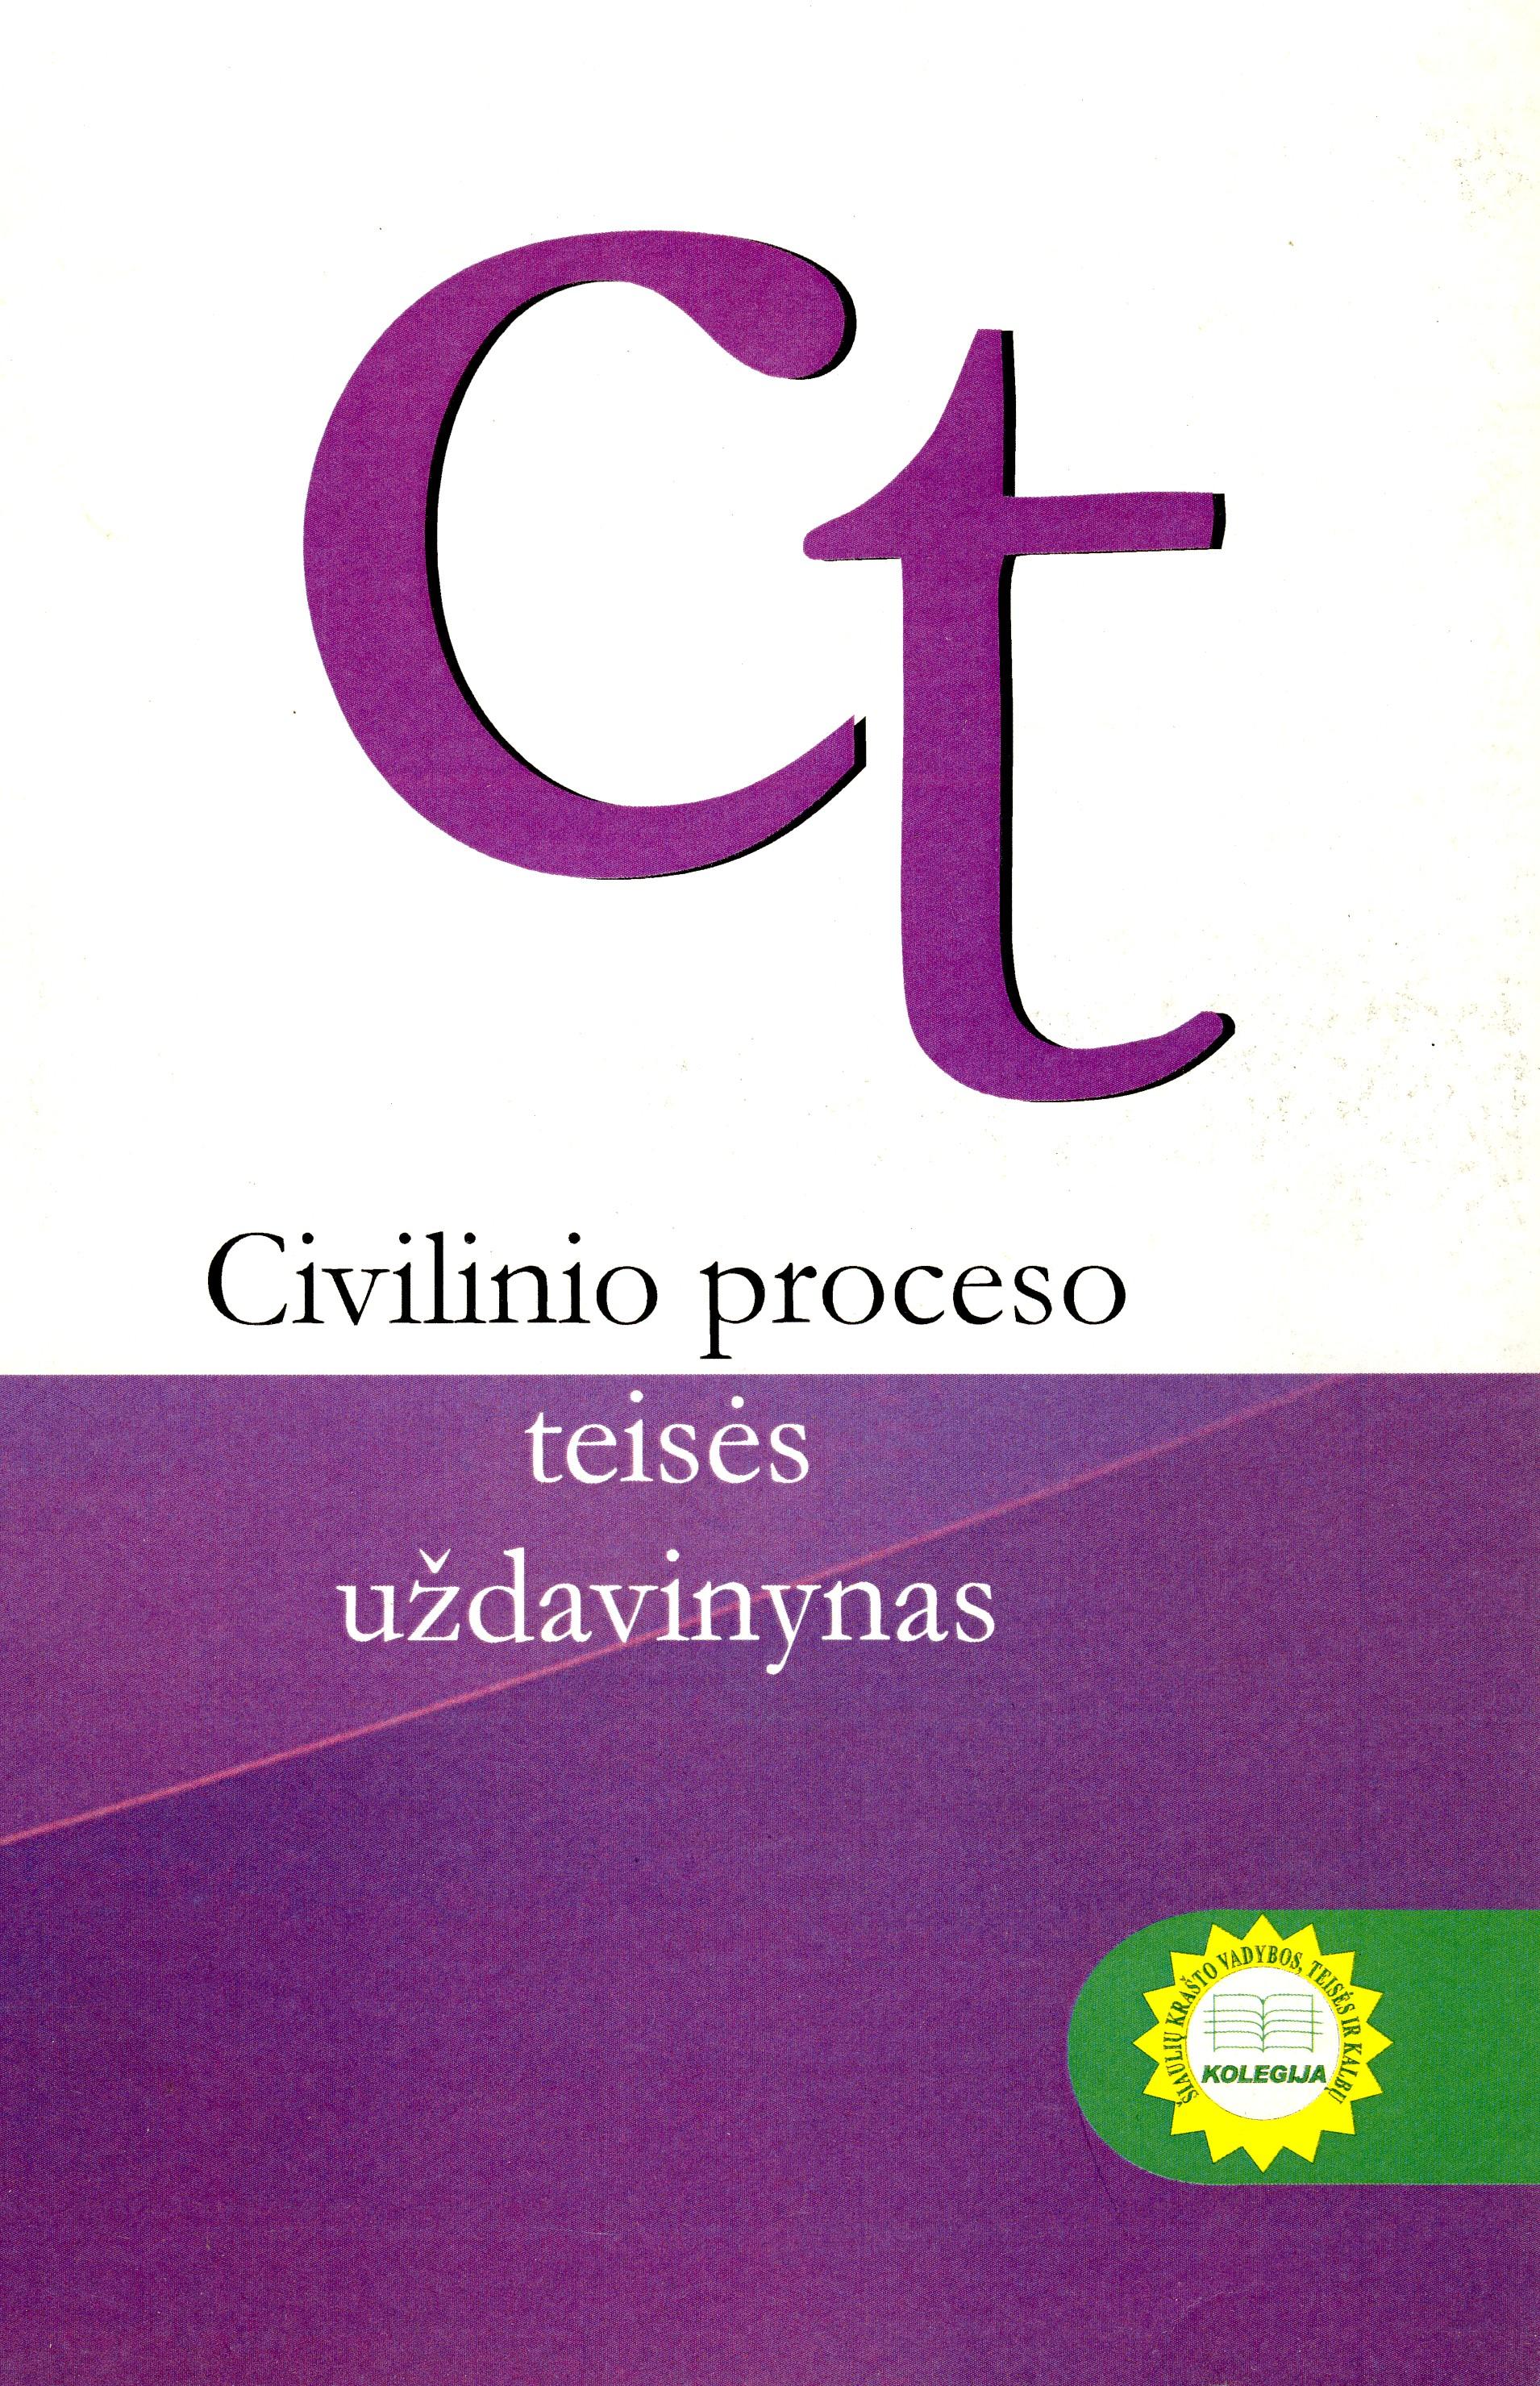 Civilinio proceso teisės uždavinynas